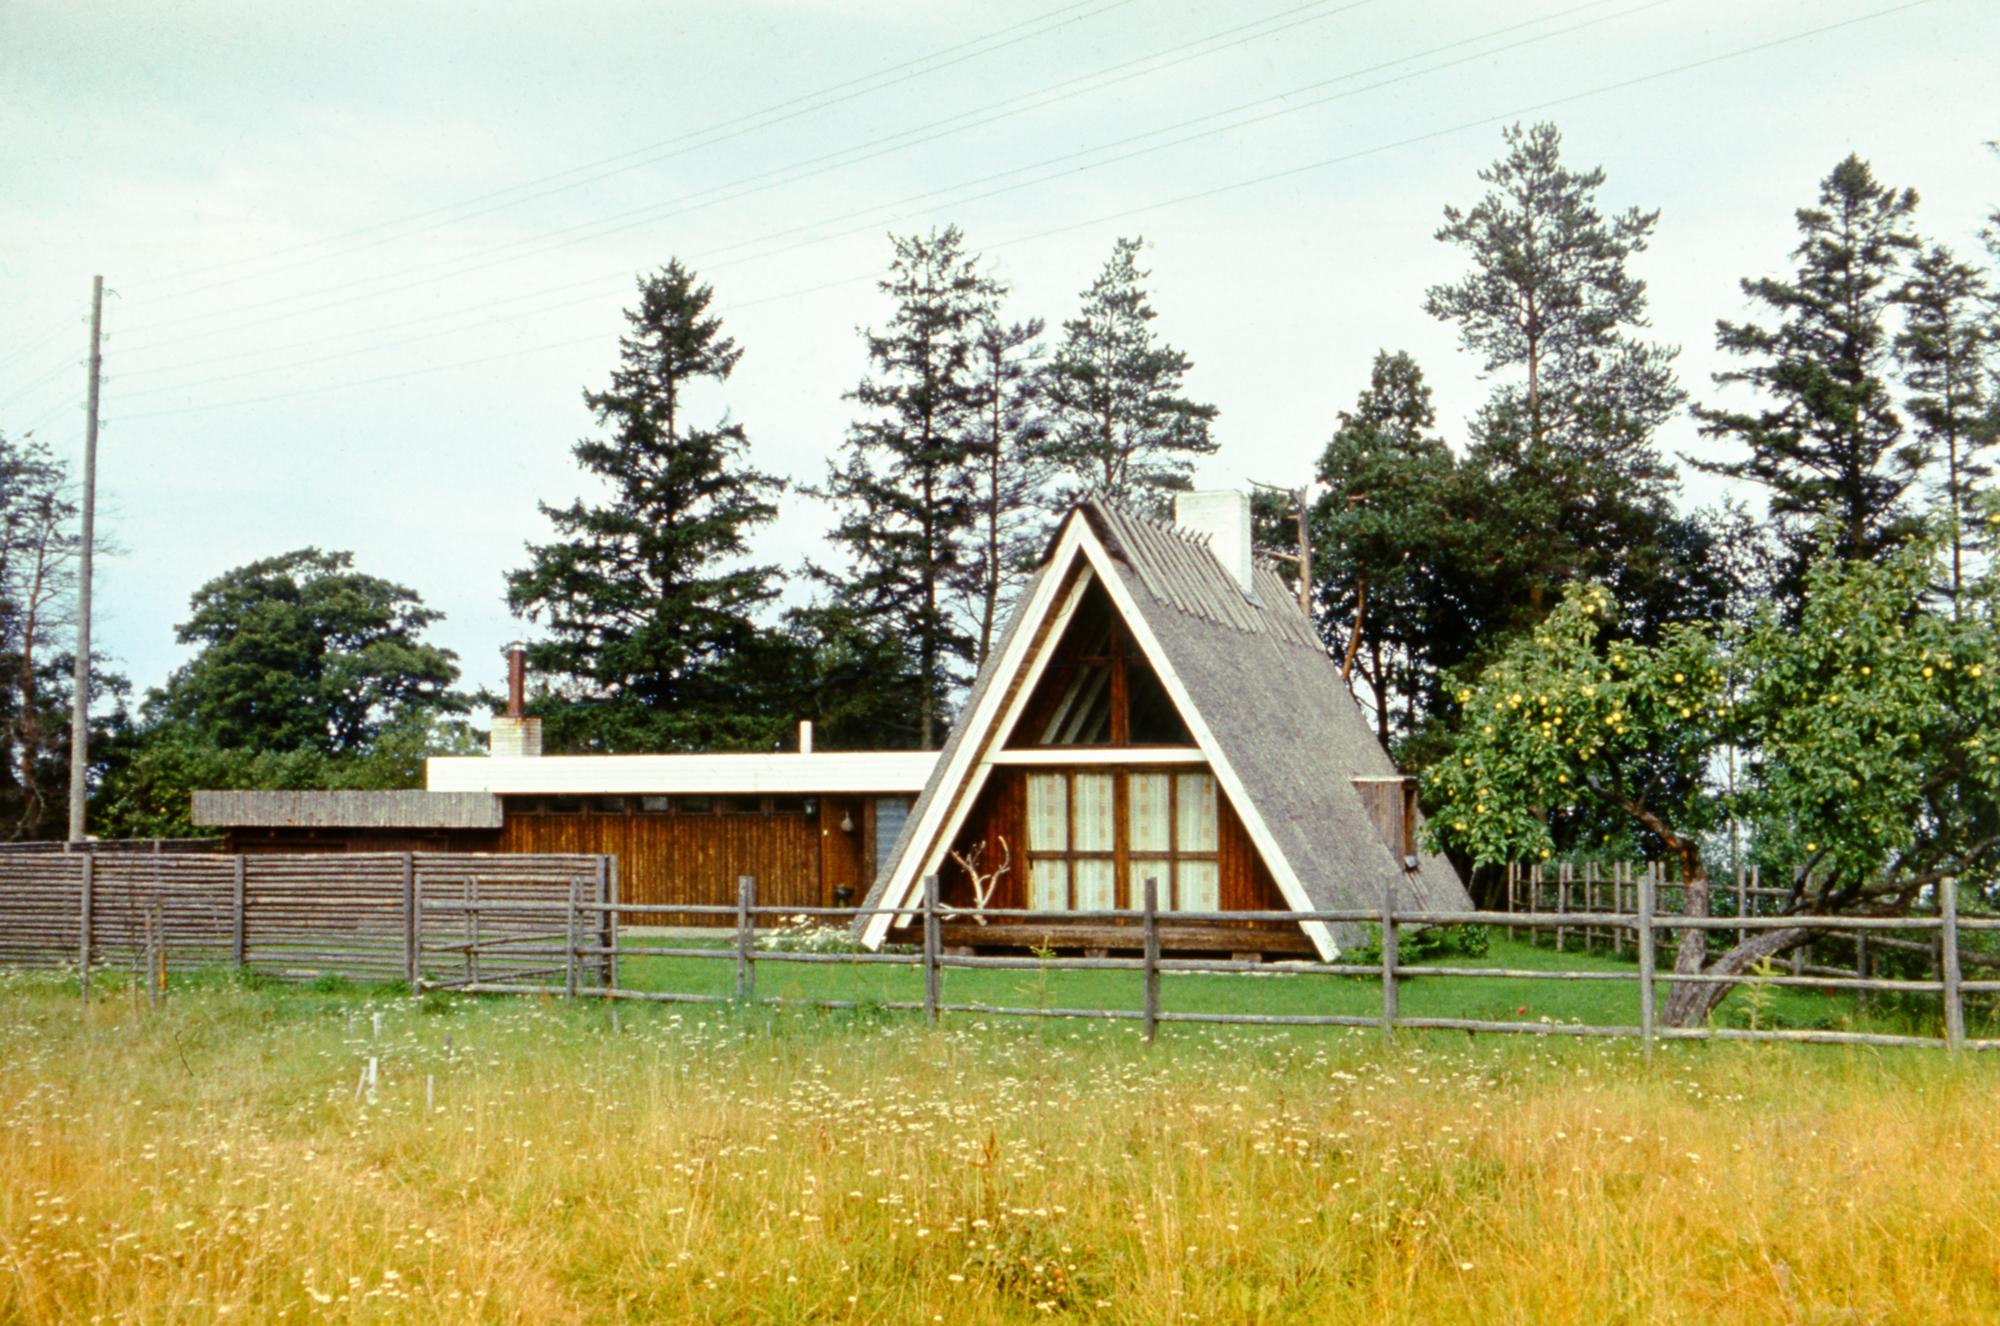 Telksuvila (ingl A-frame) kooperatiivis Romantik Rannamõisas. Arhitekt Hindrek Piiber, 1973. Foto: Enno Raag / Eesti Arhitektuurimuuseum